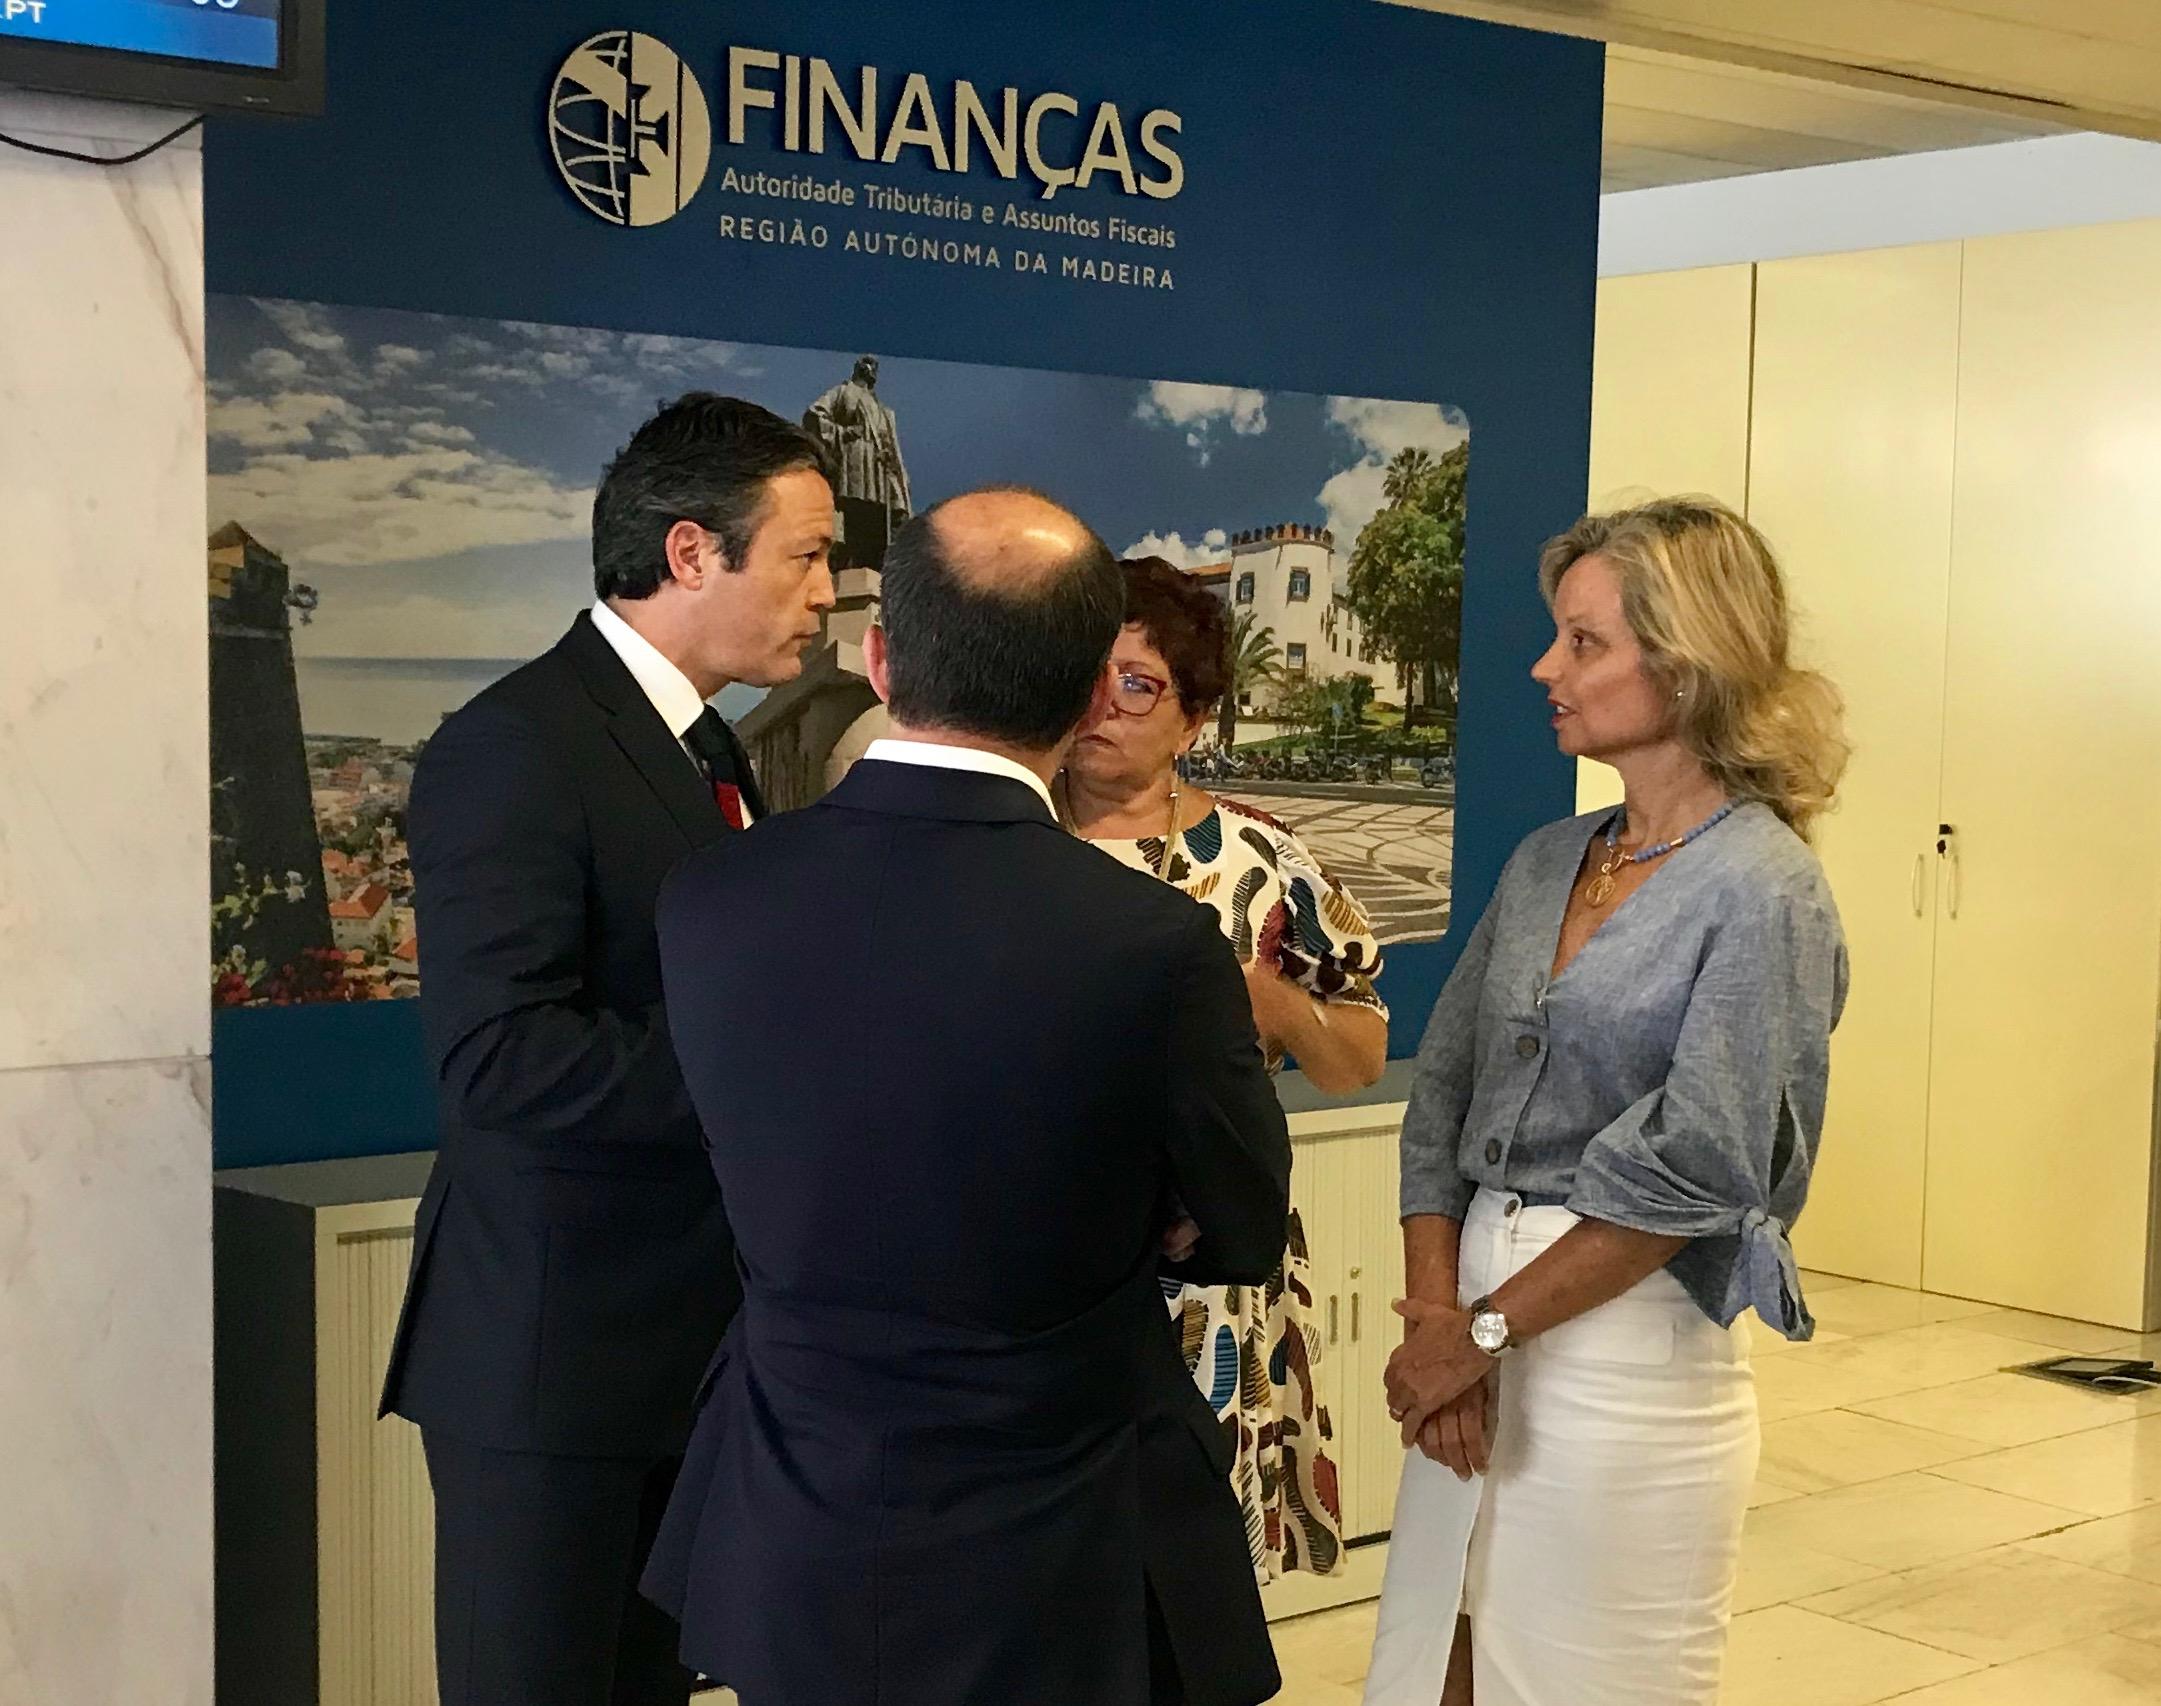 Serviços de Finanças da Região com nova imagem